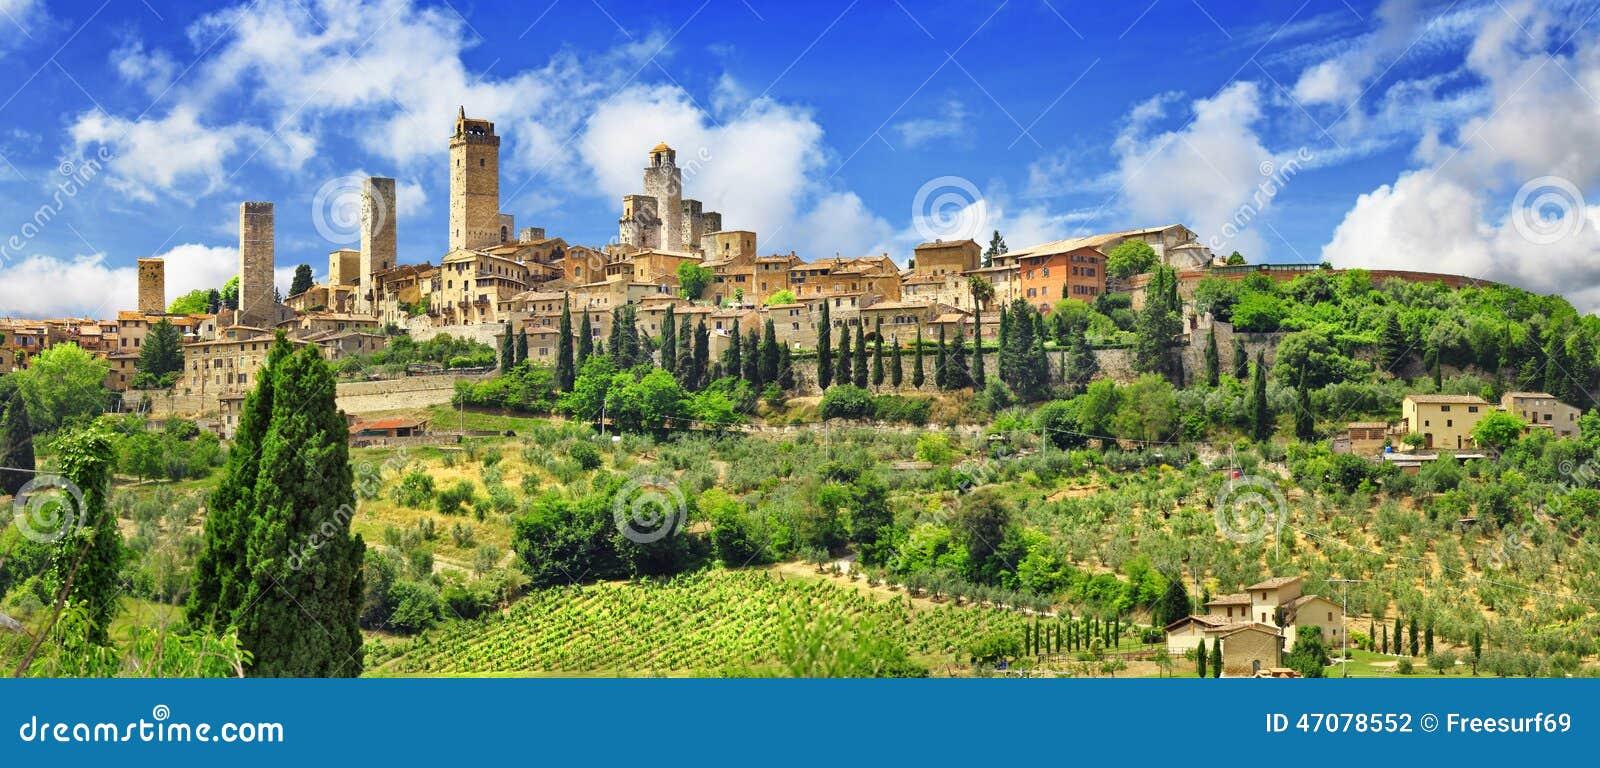 Panorama Gimignano, Tuscany italy